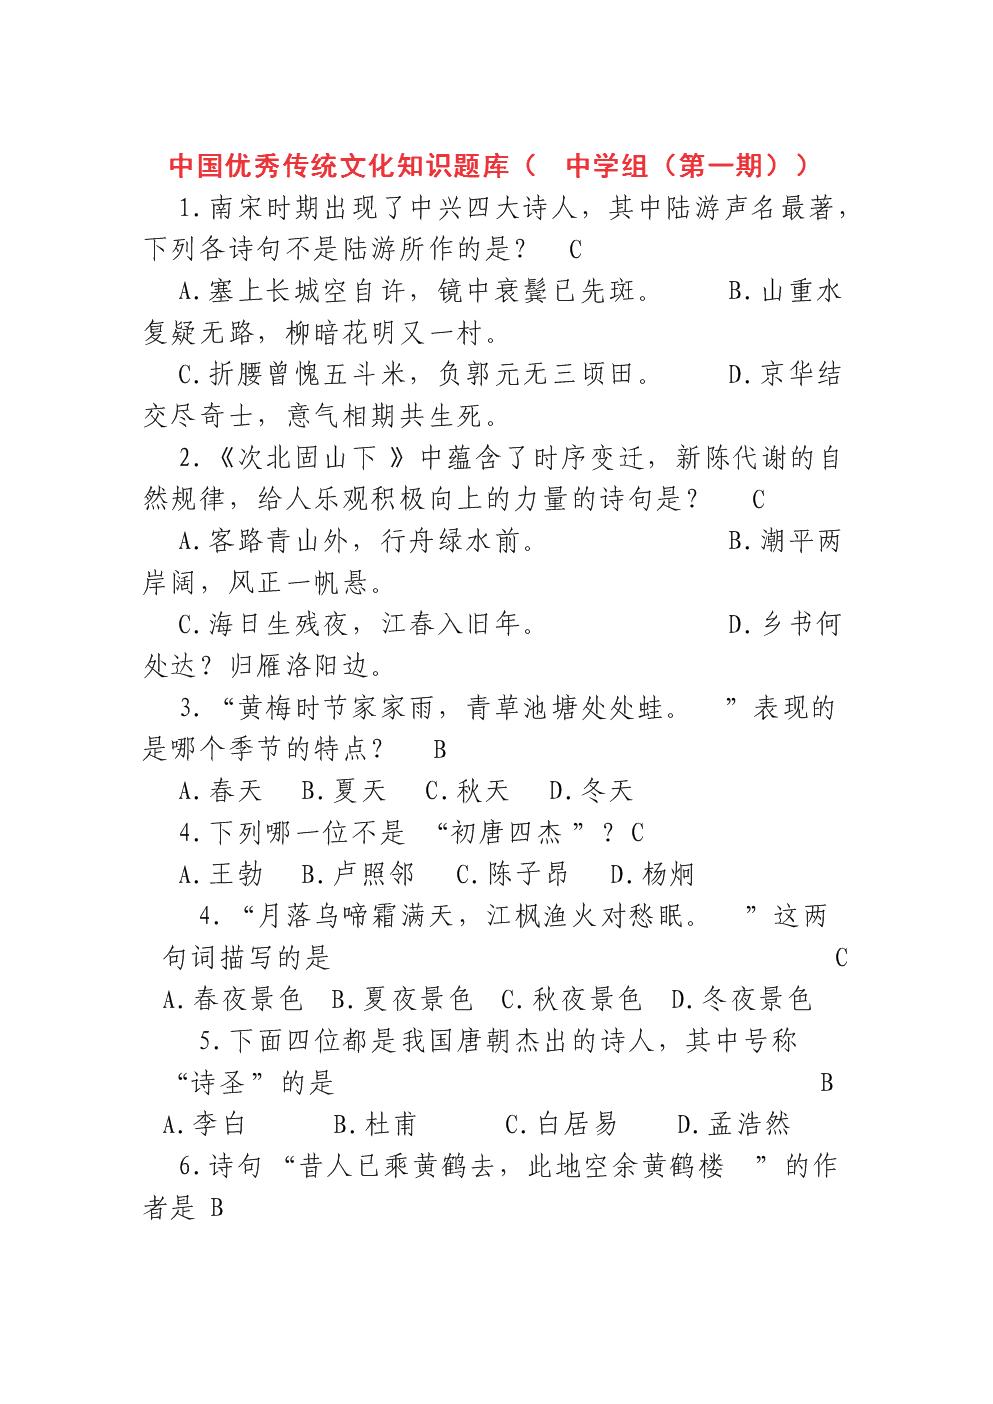 中国优秀传统文化知识题库约600题  中学组.doc